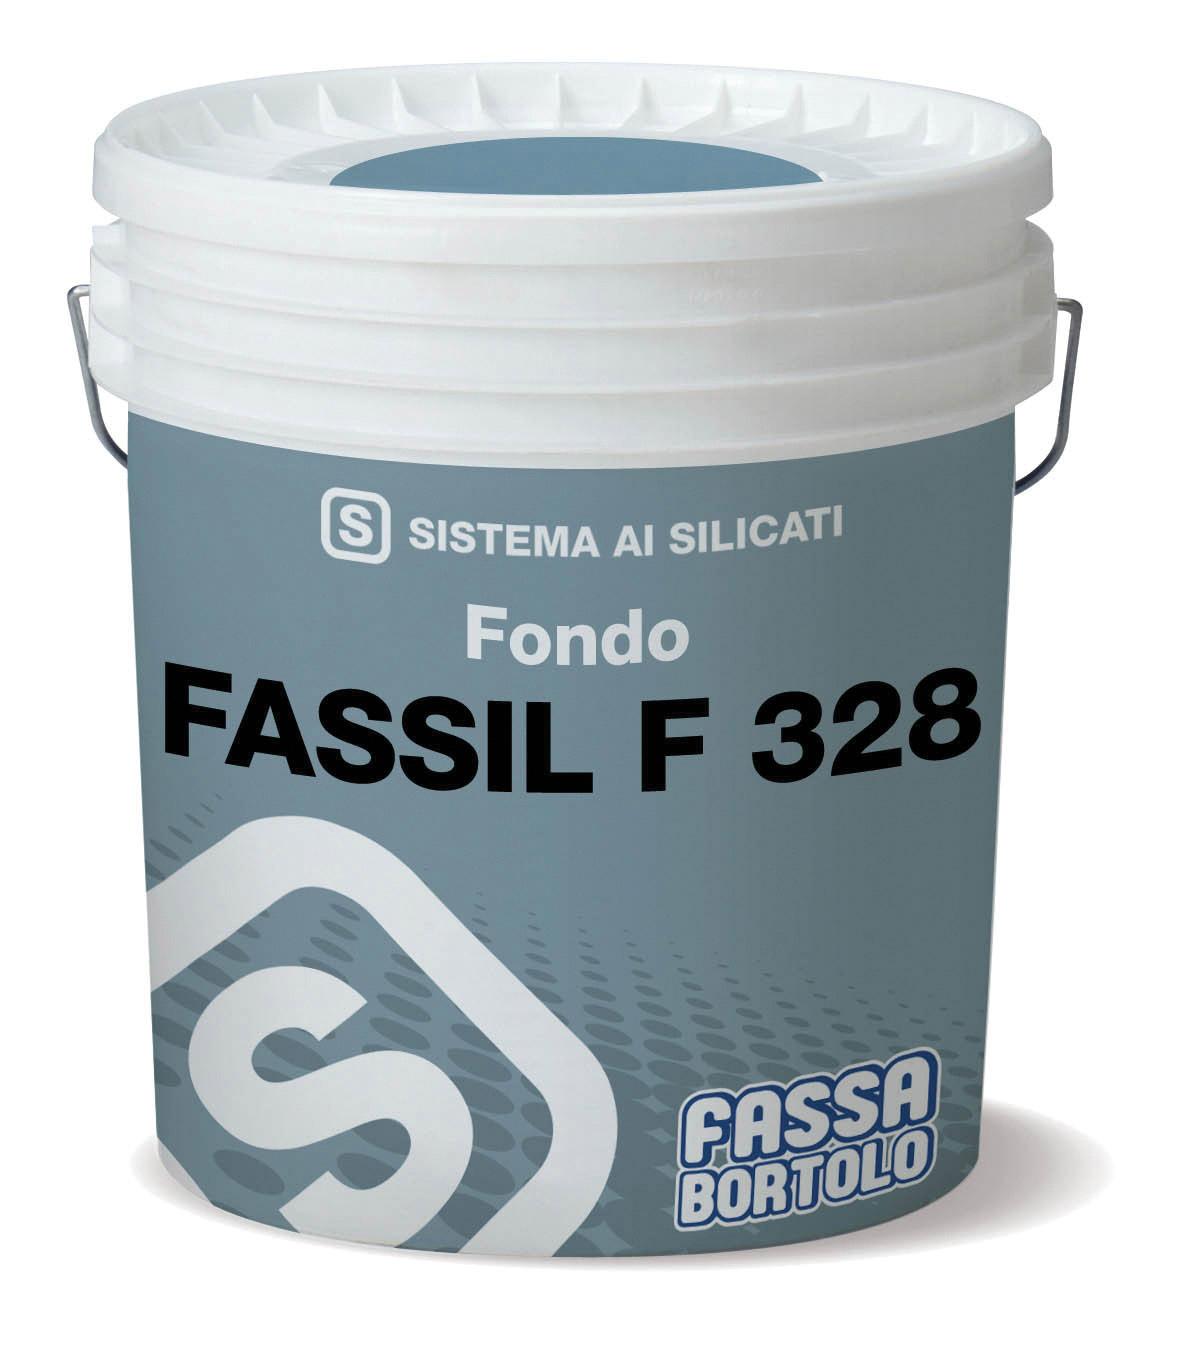 FASSIL F 328: Primário mineral à base de silicatos